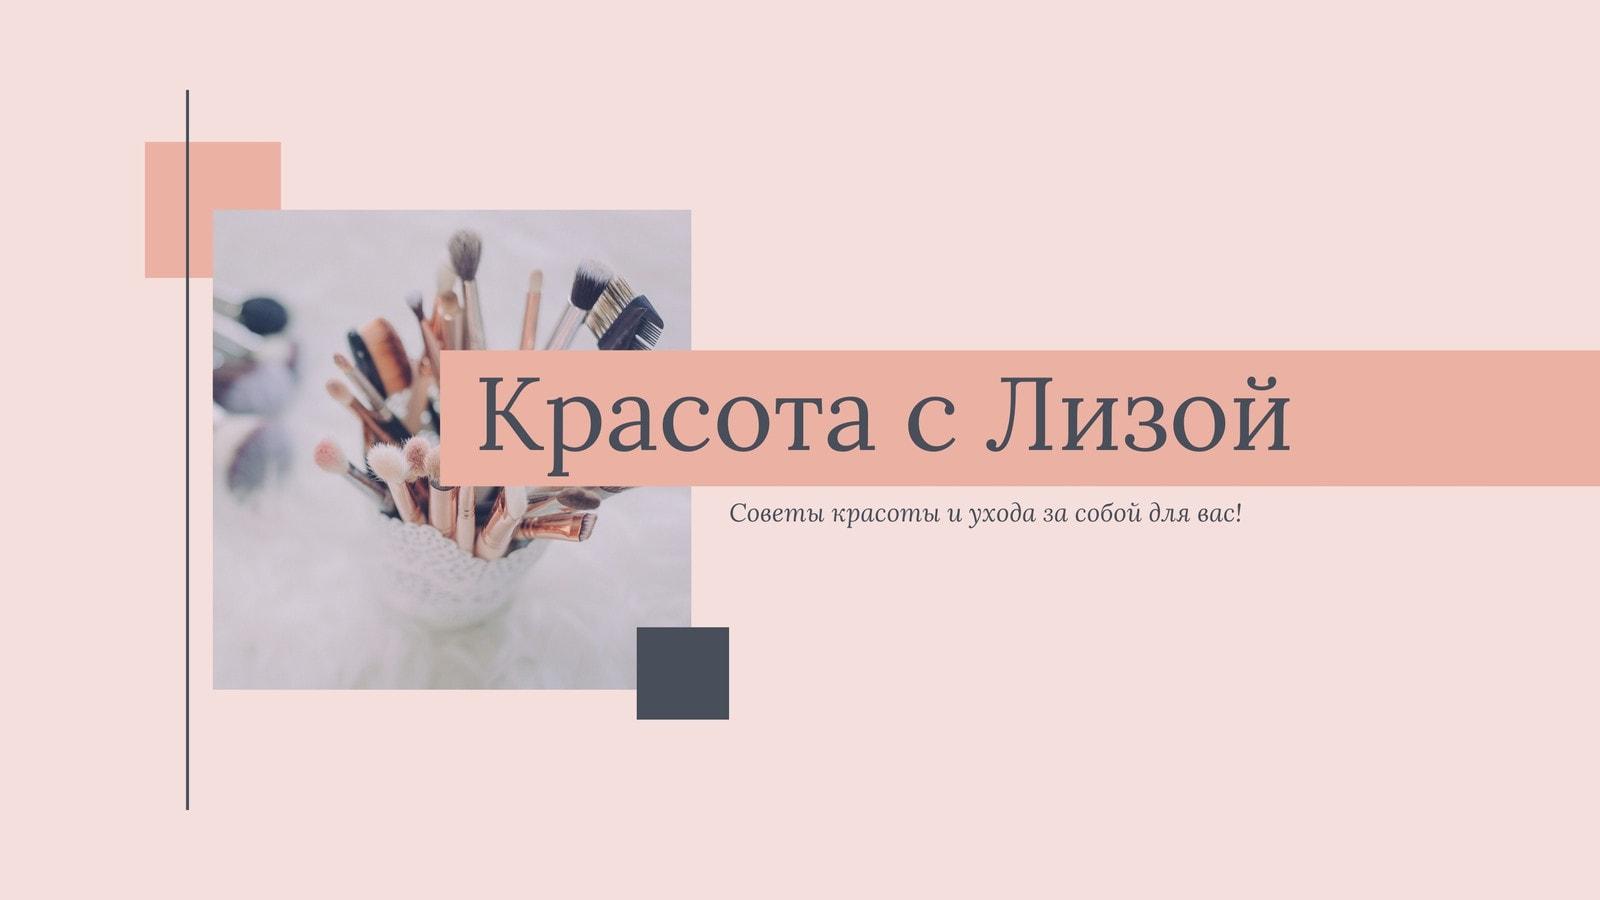 Розовый и Шиферно-серый Фотография Красота Лидер мнений Минимализм YouTube Канал Искусство